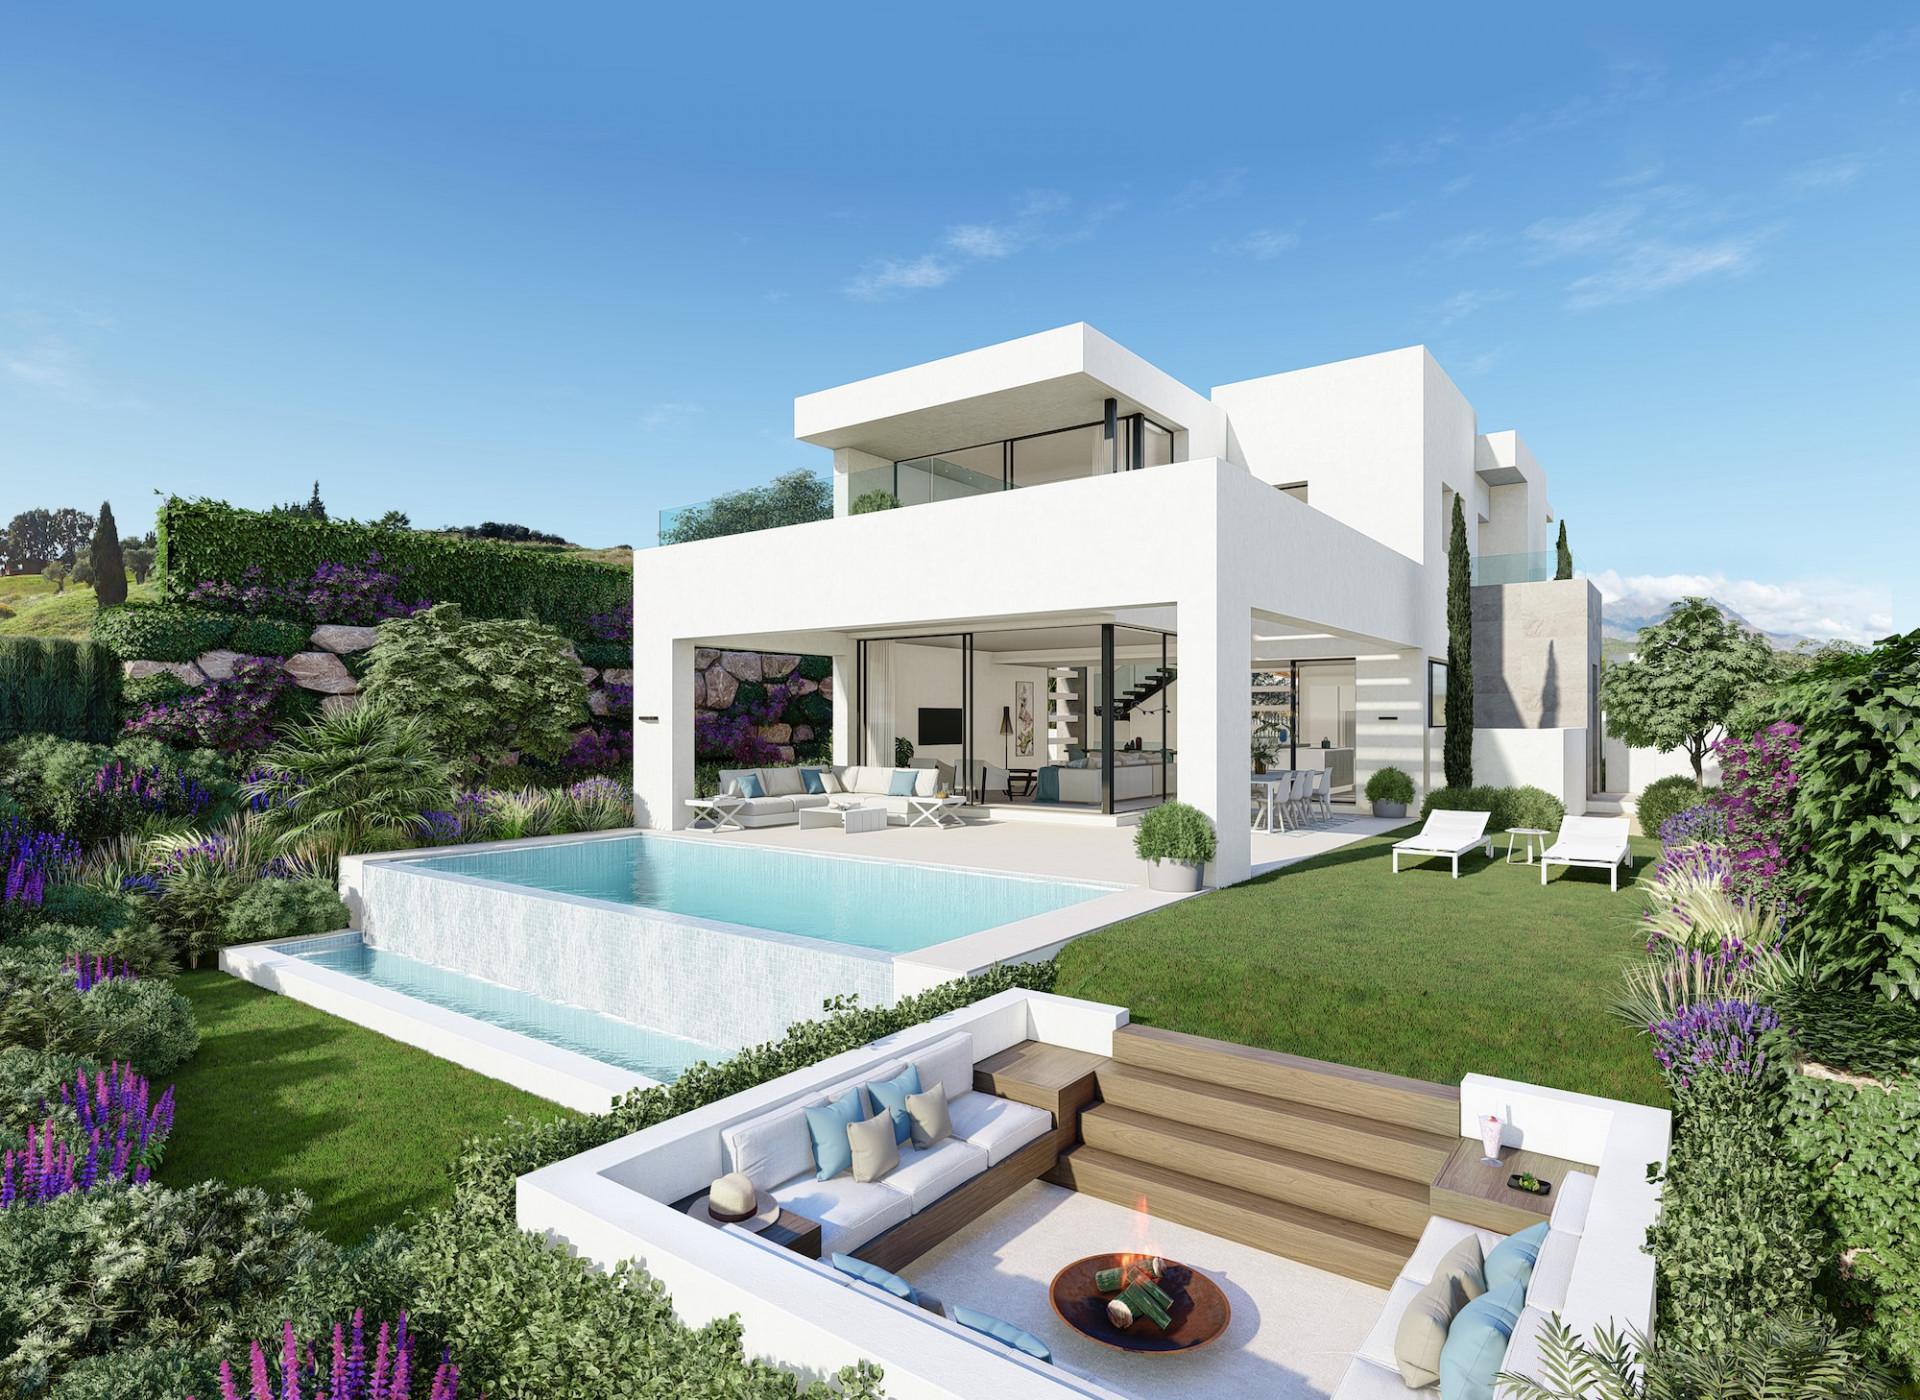 ARFV2049 - Projekt für 10 wunderschöne Villen in Estepona